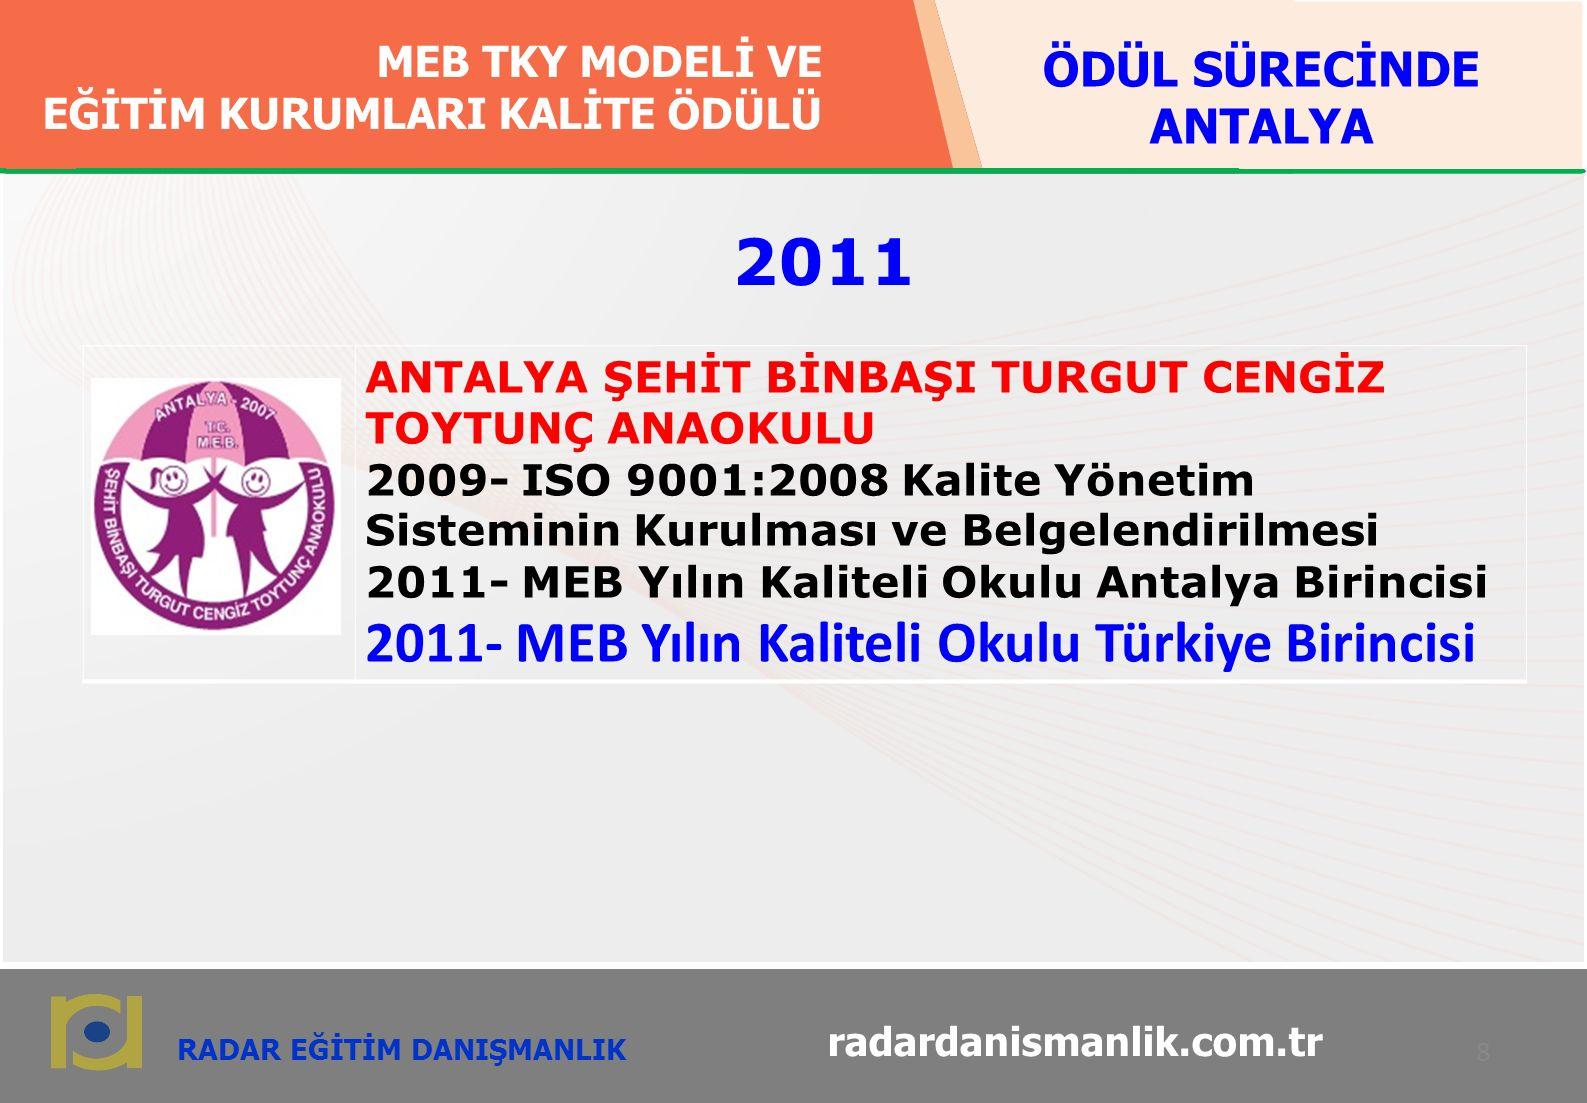 RADAR EĞİTİM DANIŞMANLIK MEB TKY MODELİ VE EĞİTİM KURUMLARI KALİTE ÖDÜLÜ MEB TKY MODELİ VE EĞİTİM KURUMLARI KALİTE ÖDÜLÜ 9 radardanismanlik.com.tr ANTALYA HANIM-ÖMER ÇAĞIRAN İLKÖĞRETİM OKULU 2012- MEB Yılın Kaliteli Okulu Antalya Birincisi.